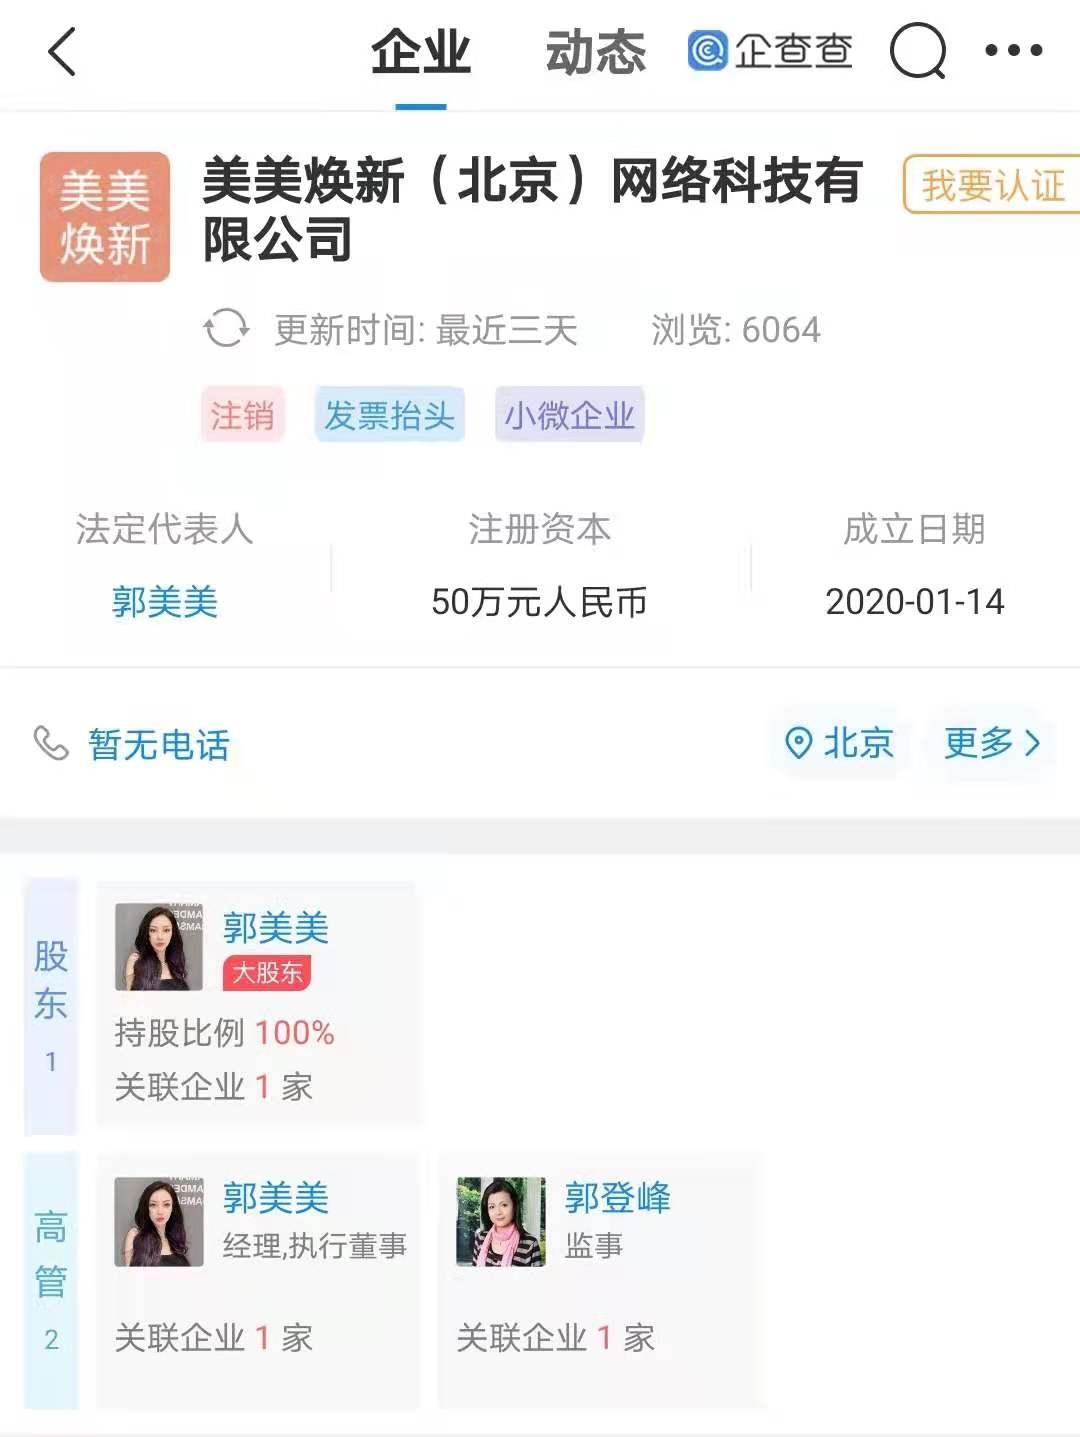 郭美美疑似被检察院批捕,其名下公司上月已注销